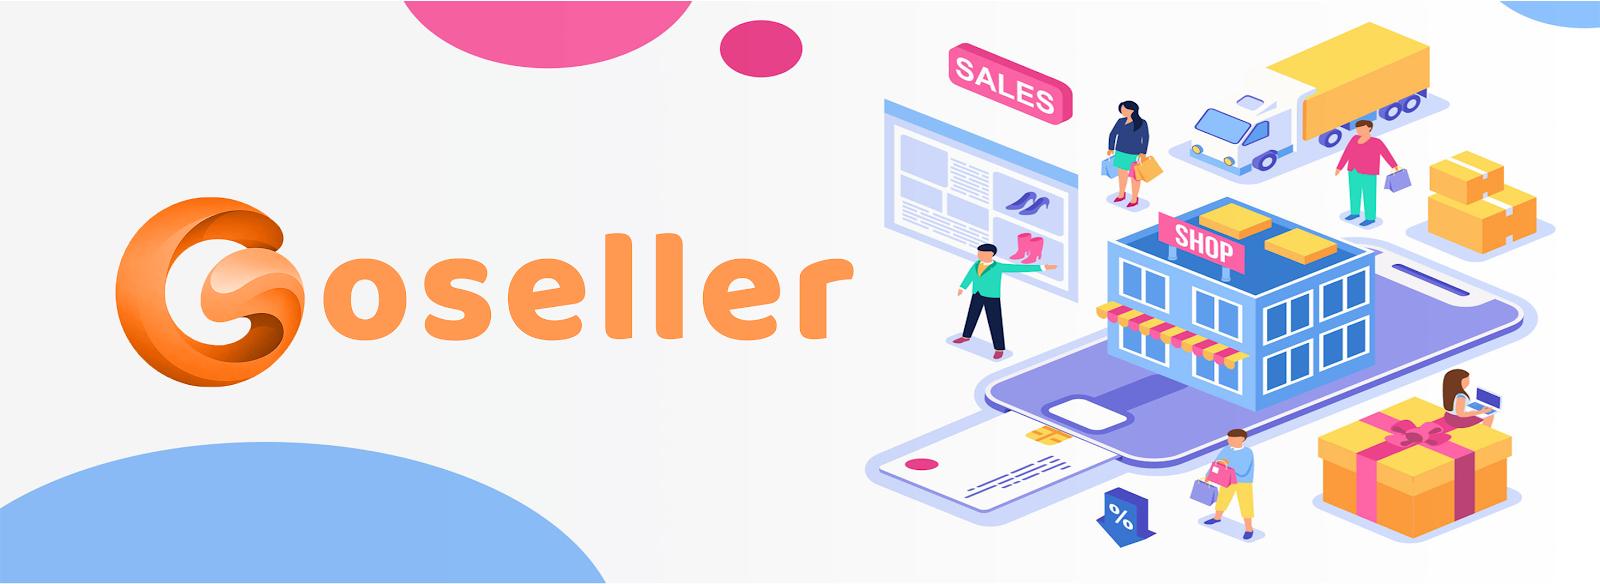 goseller-banner